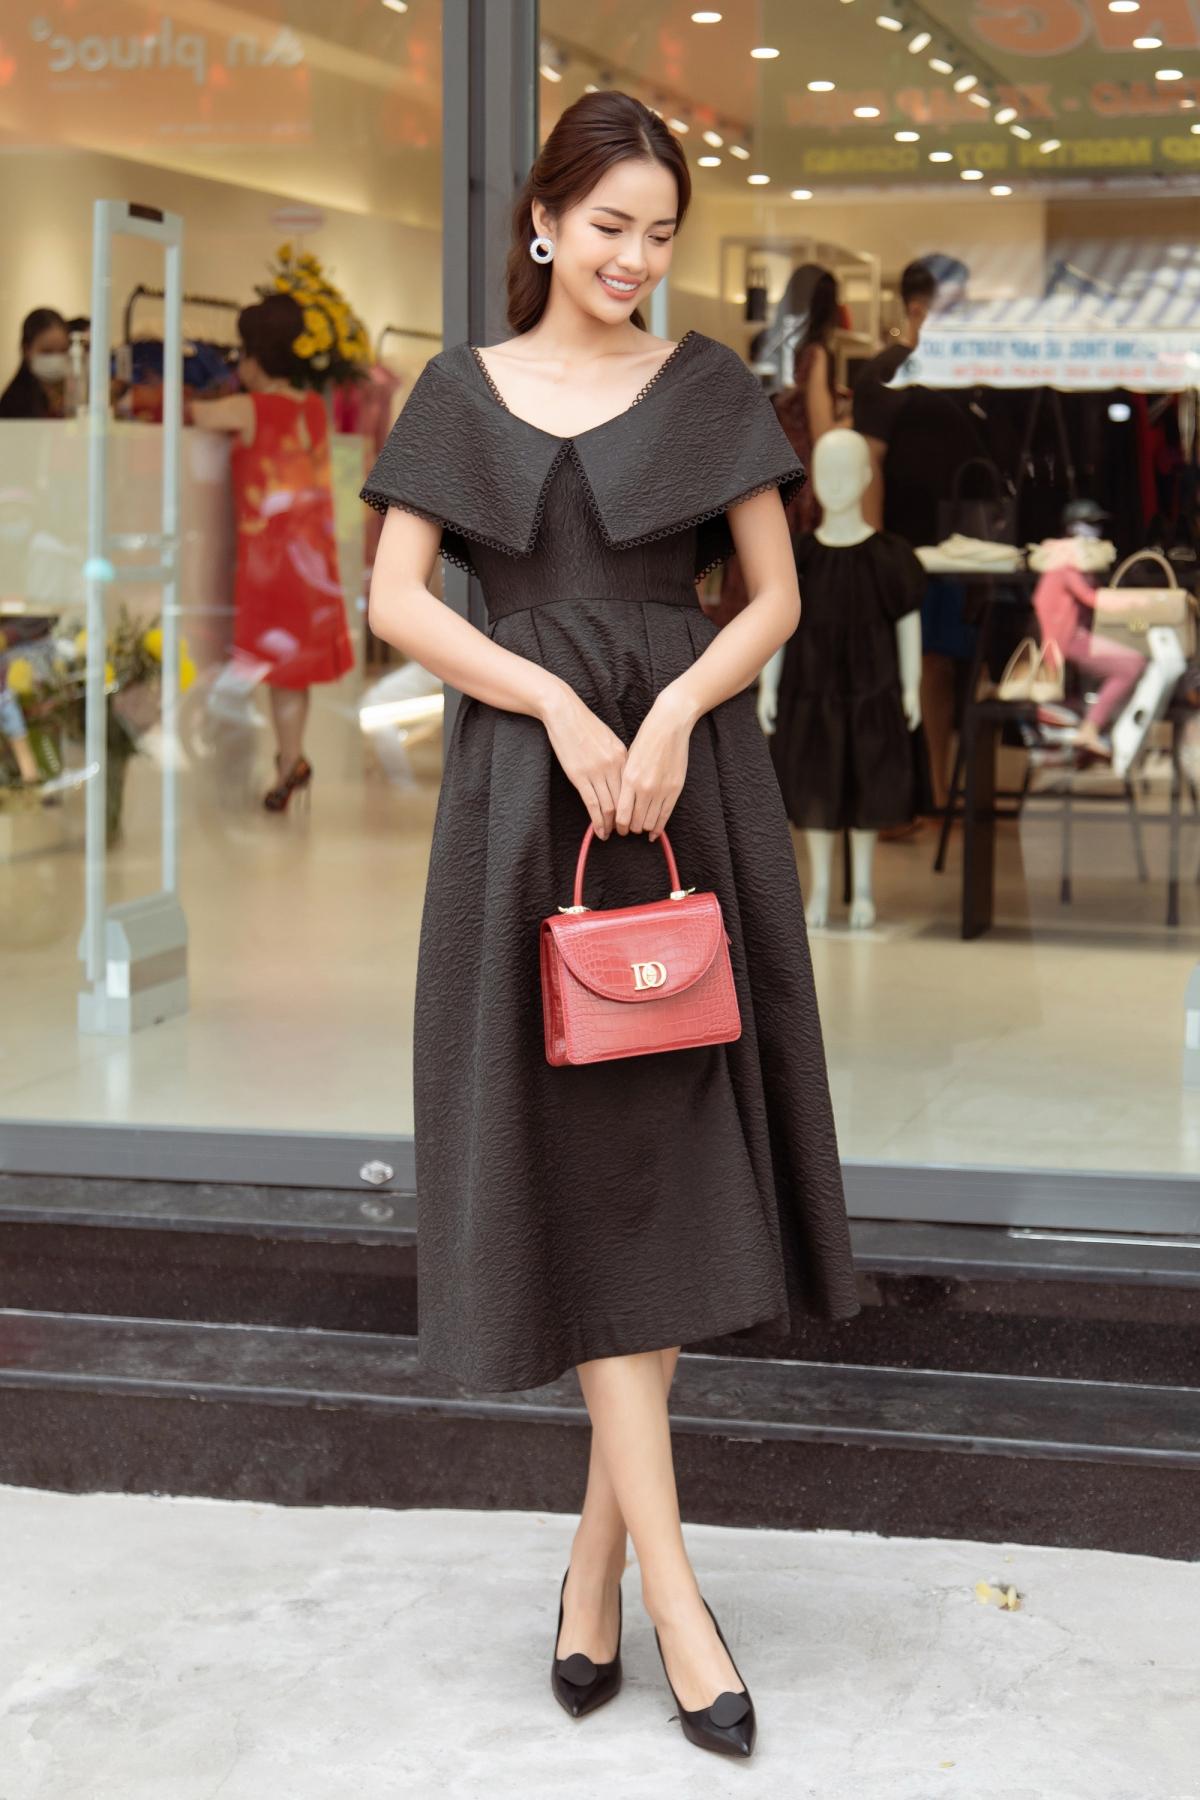 """Ngọc Châu bất ngờ """"đụng hàng"""" Lan Ngọc, nhưng với thiết kế có tông màu đen huyền bí. Người đẹp phối bộ váy cùng chiếc túi đỏ xinh xắn, nổi bật. Trong sự kiện, cô còn diện một bộ váy trắng xoè được điểm xuyết chi tiết nơ 3D độc đáo ngay phần cổ."""